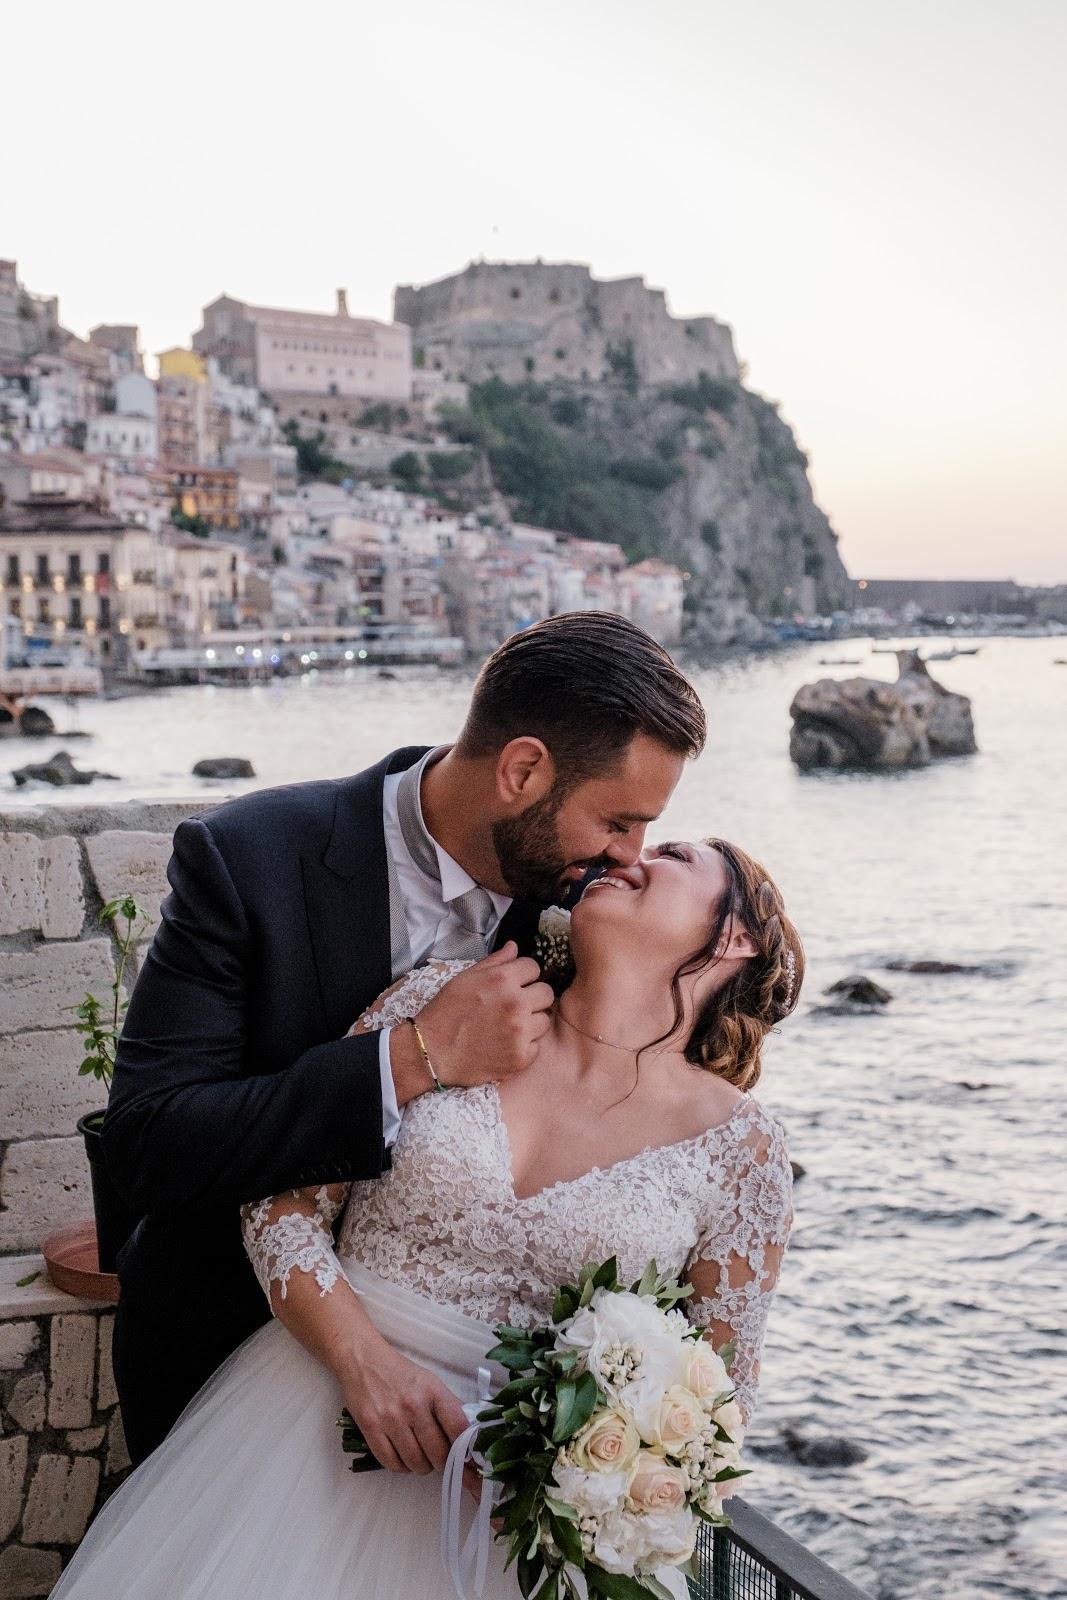 Fotografi A Reggio Calabria pietro politi (politi), fotografo di matrimoni da reggio